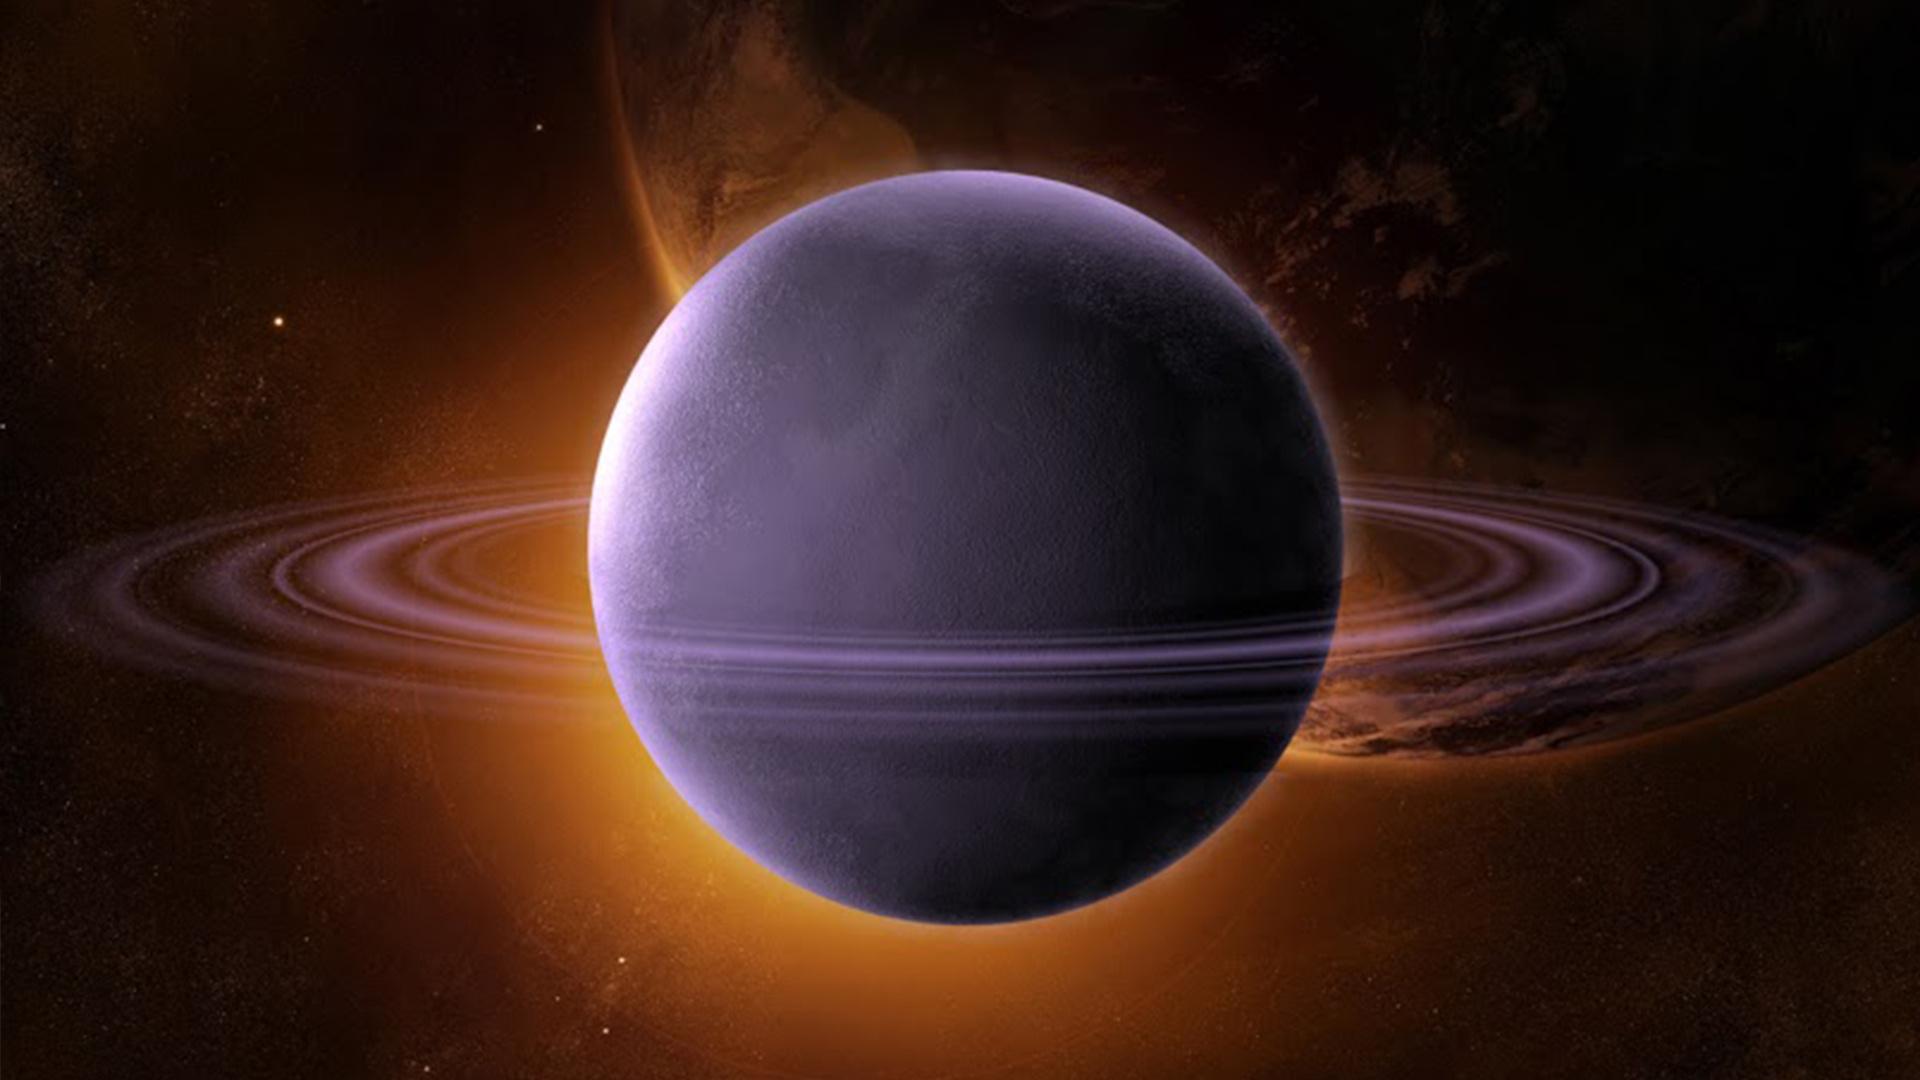 тогда картинки или фотки планет всех дорожим своей